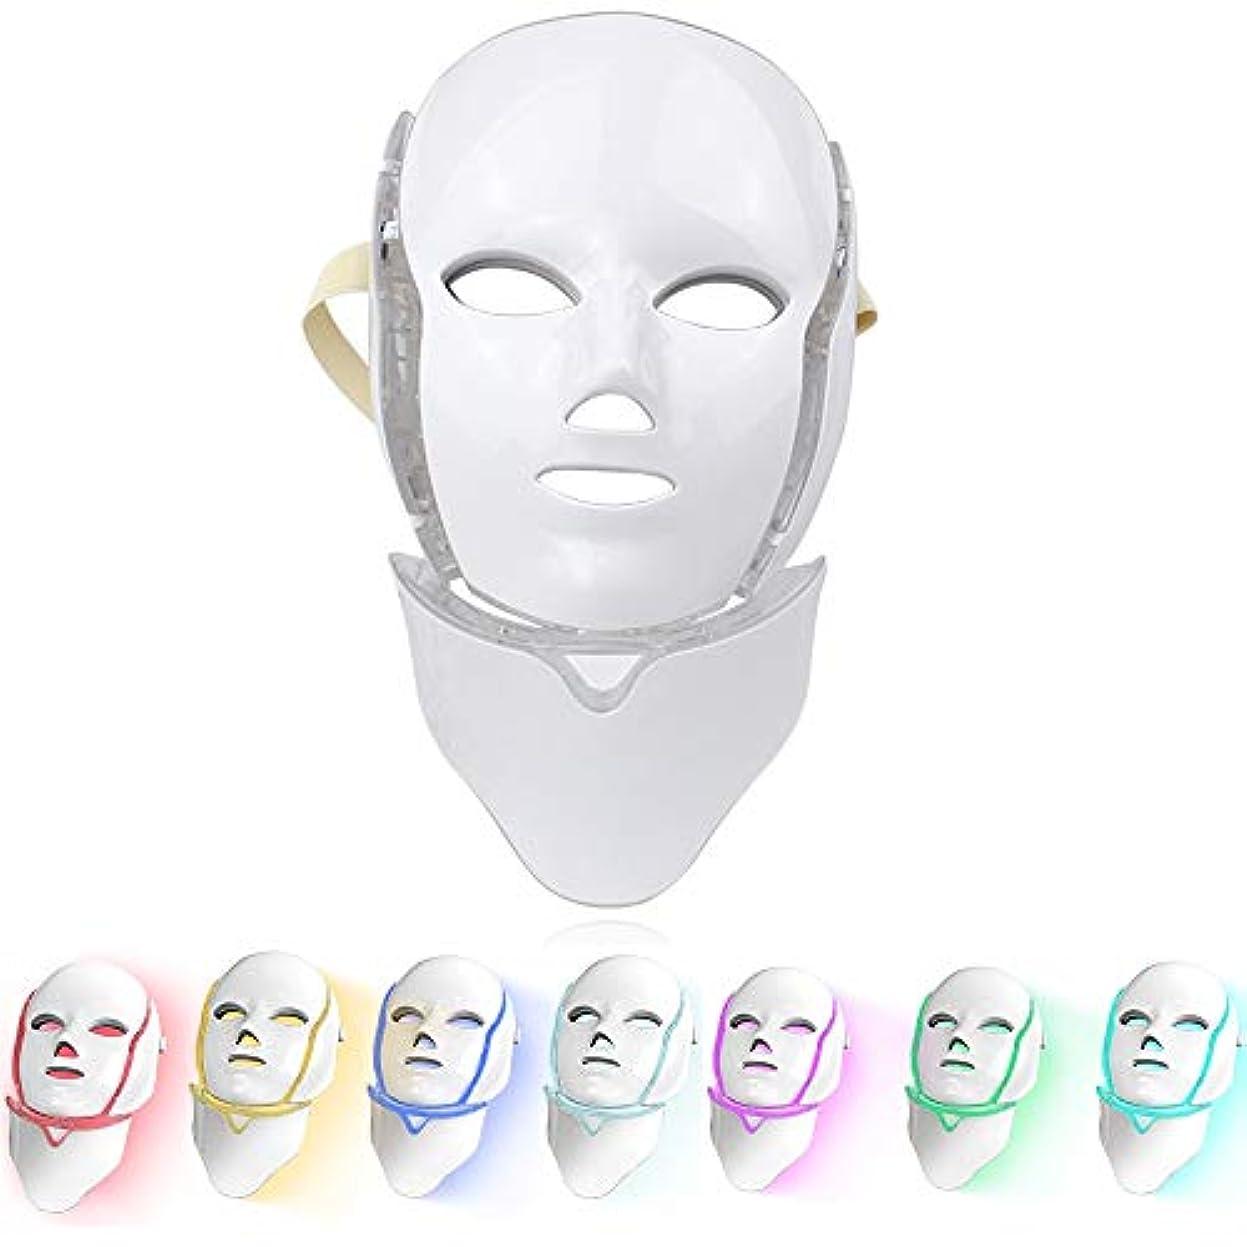 合併症第二。LED光線療法マスク(ネック付き)7色光線治療スキンケア美容光線療法アンチエイジングアクネリンクルマスク